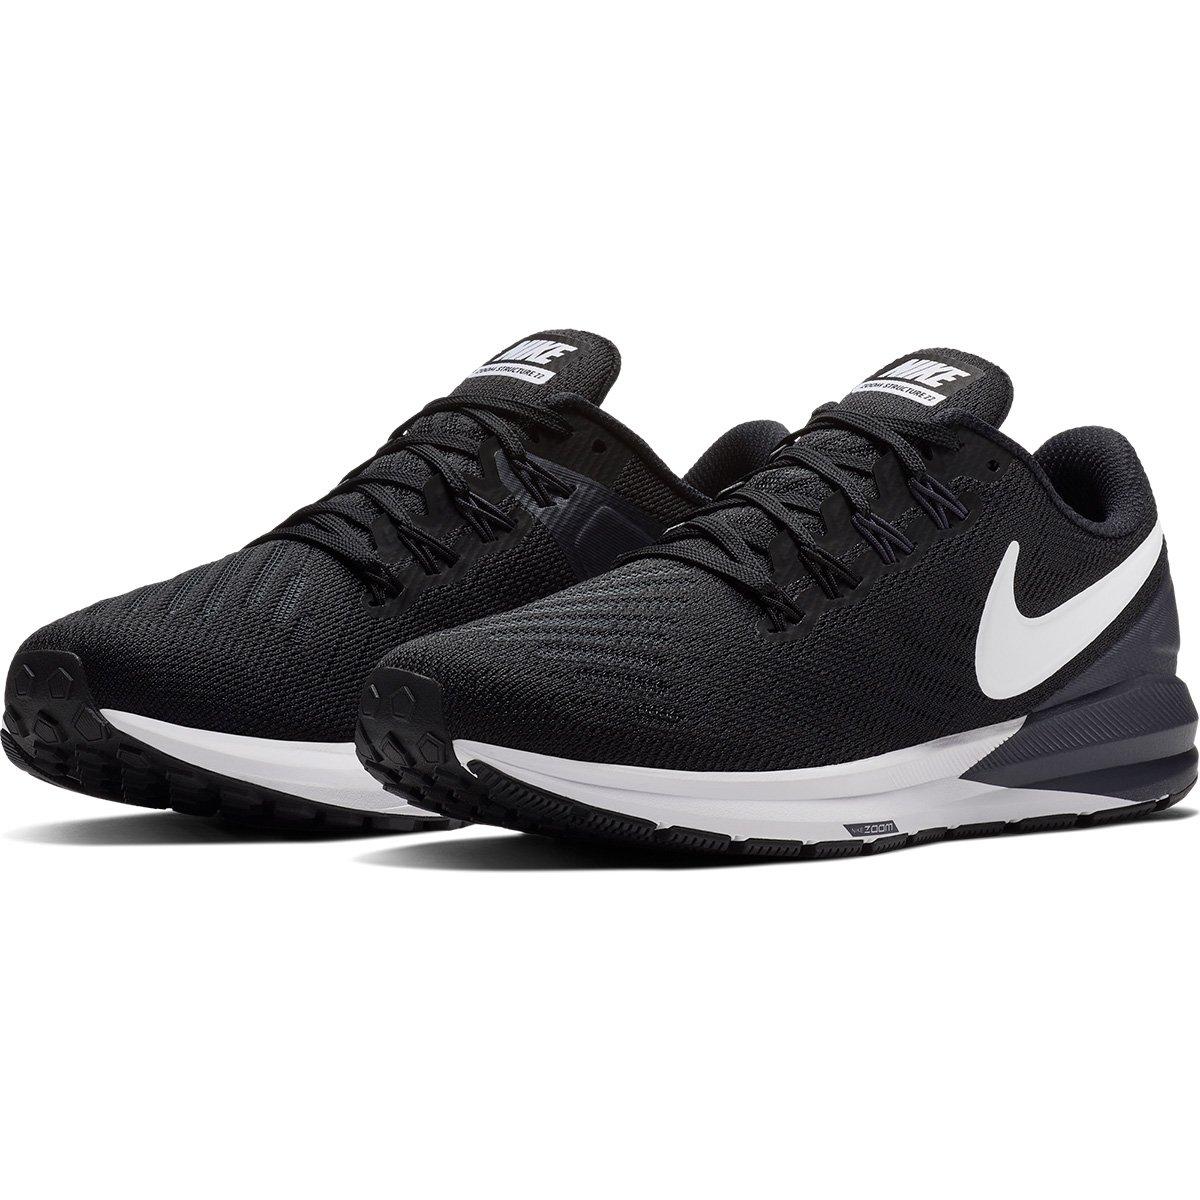 1654ffe5c3 Tênis Nike Air Zoom Structure 22 Feminino | Livelo -Sua Vida com ...